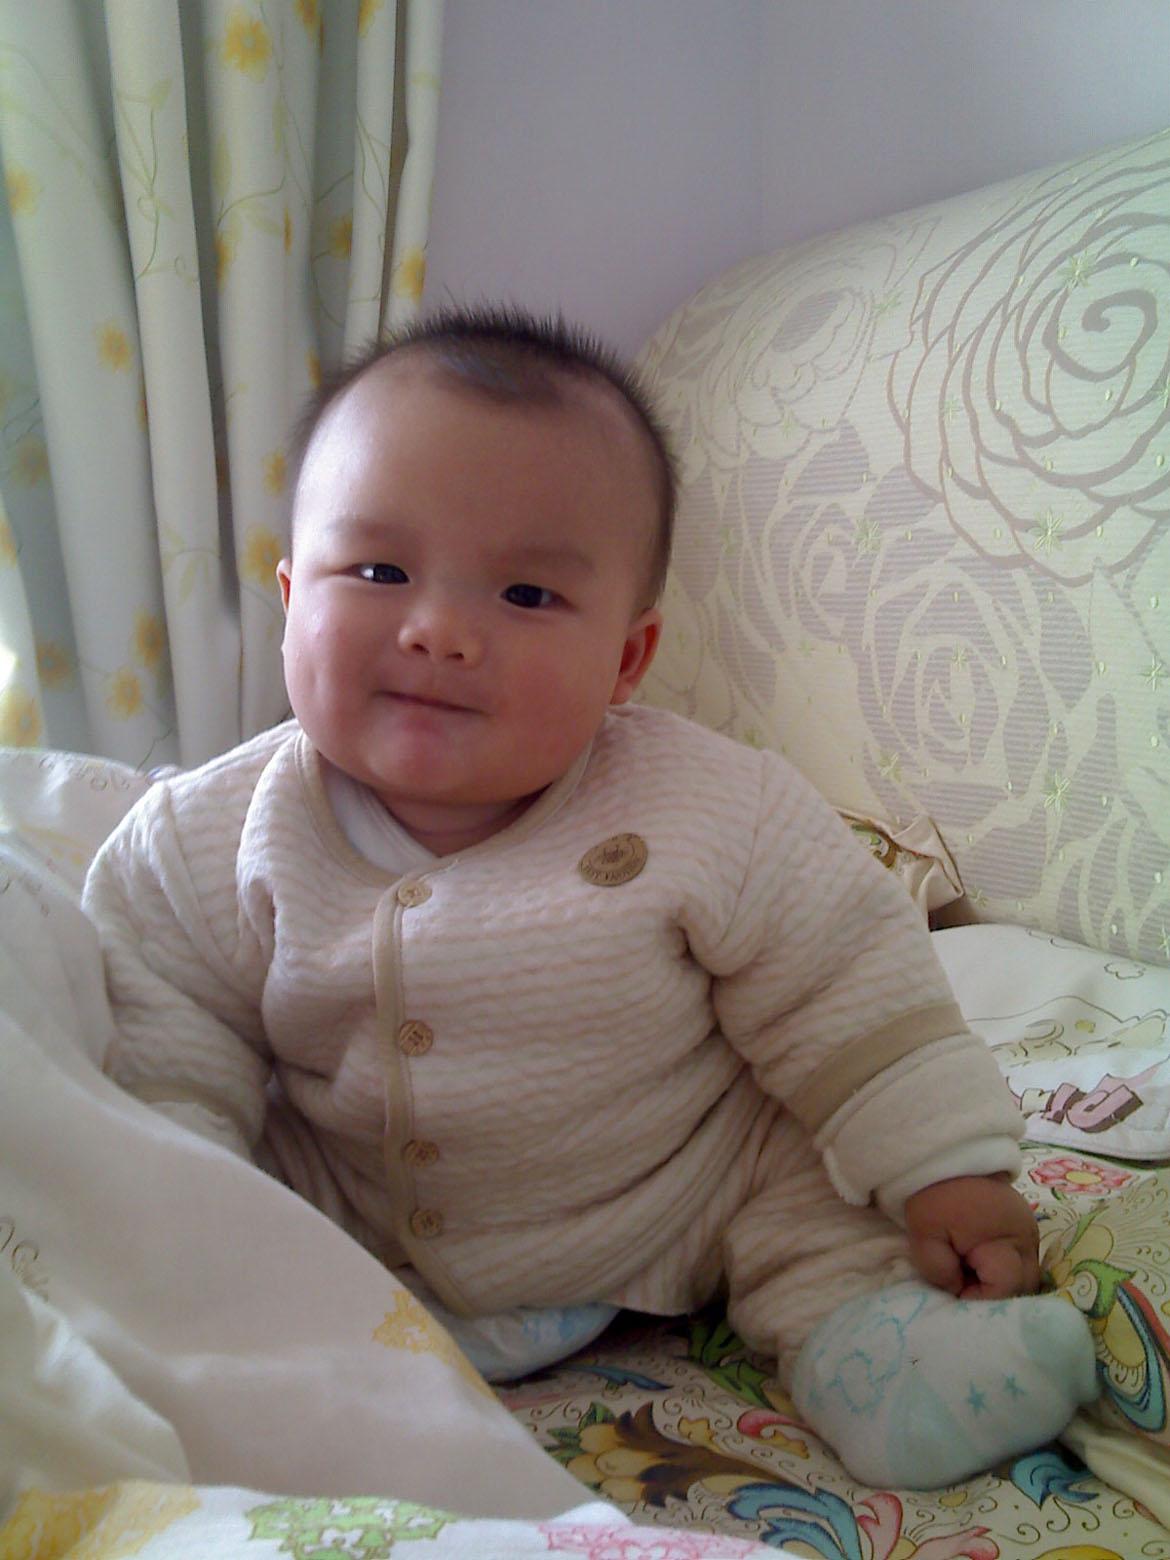 宝宝 壁纸 孩子 小孩 婴儿 1170_1560 竖版 竖屏 手机